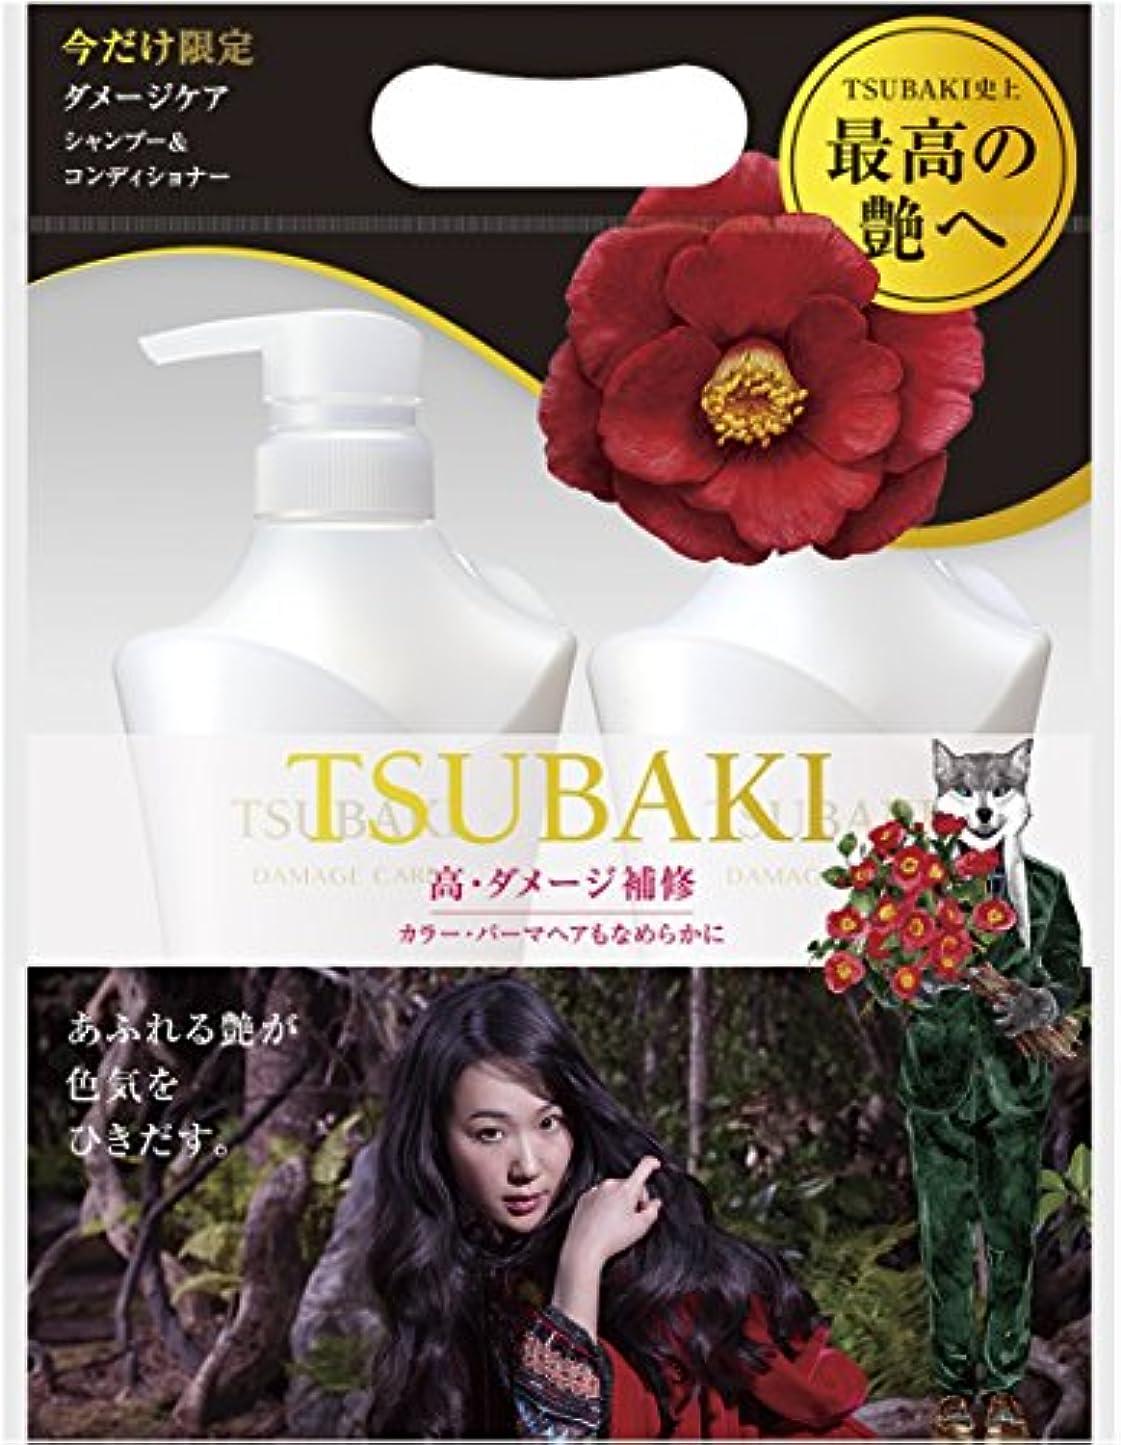 【本体セット】TSUBAKI ダメージケア シャンプー&コンディショナージャンボペアセット